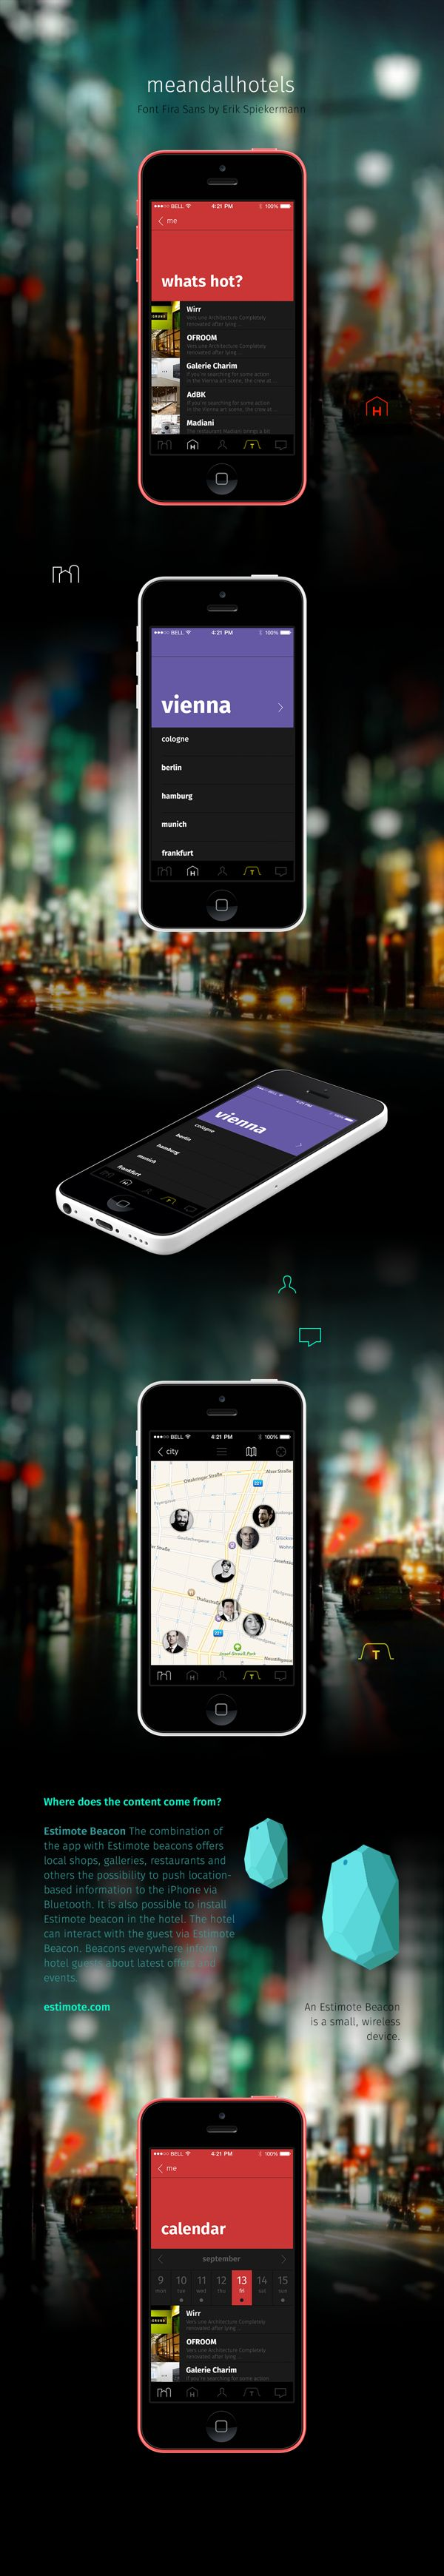 meandall app 2.0 by Conny Naumann, via Behance